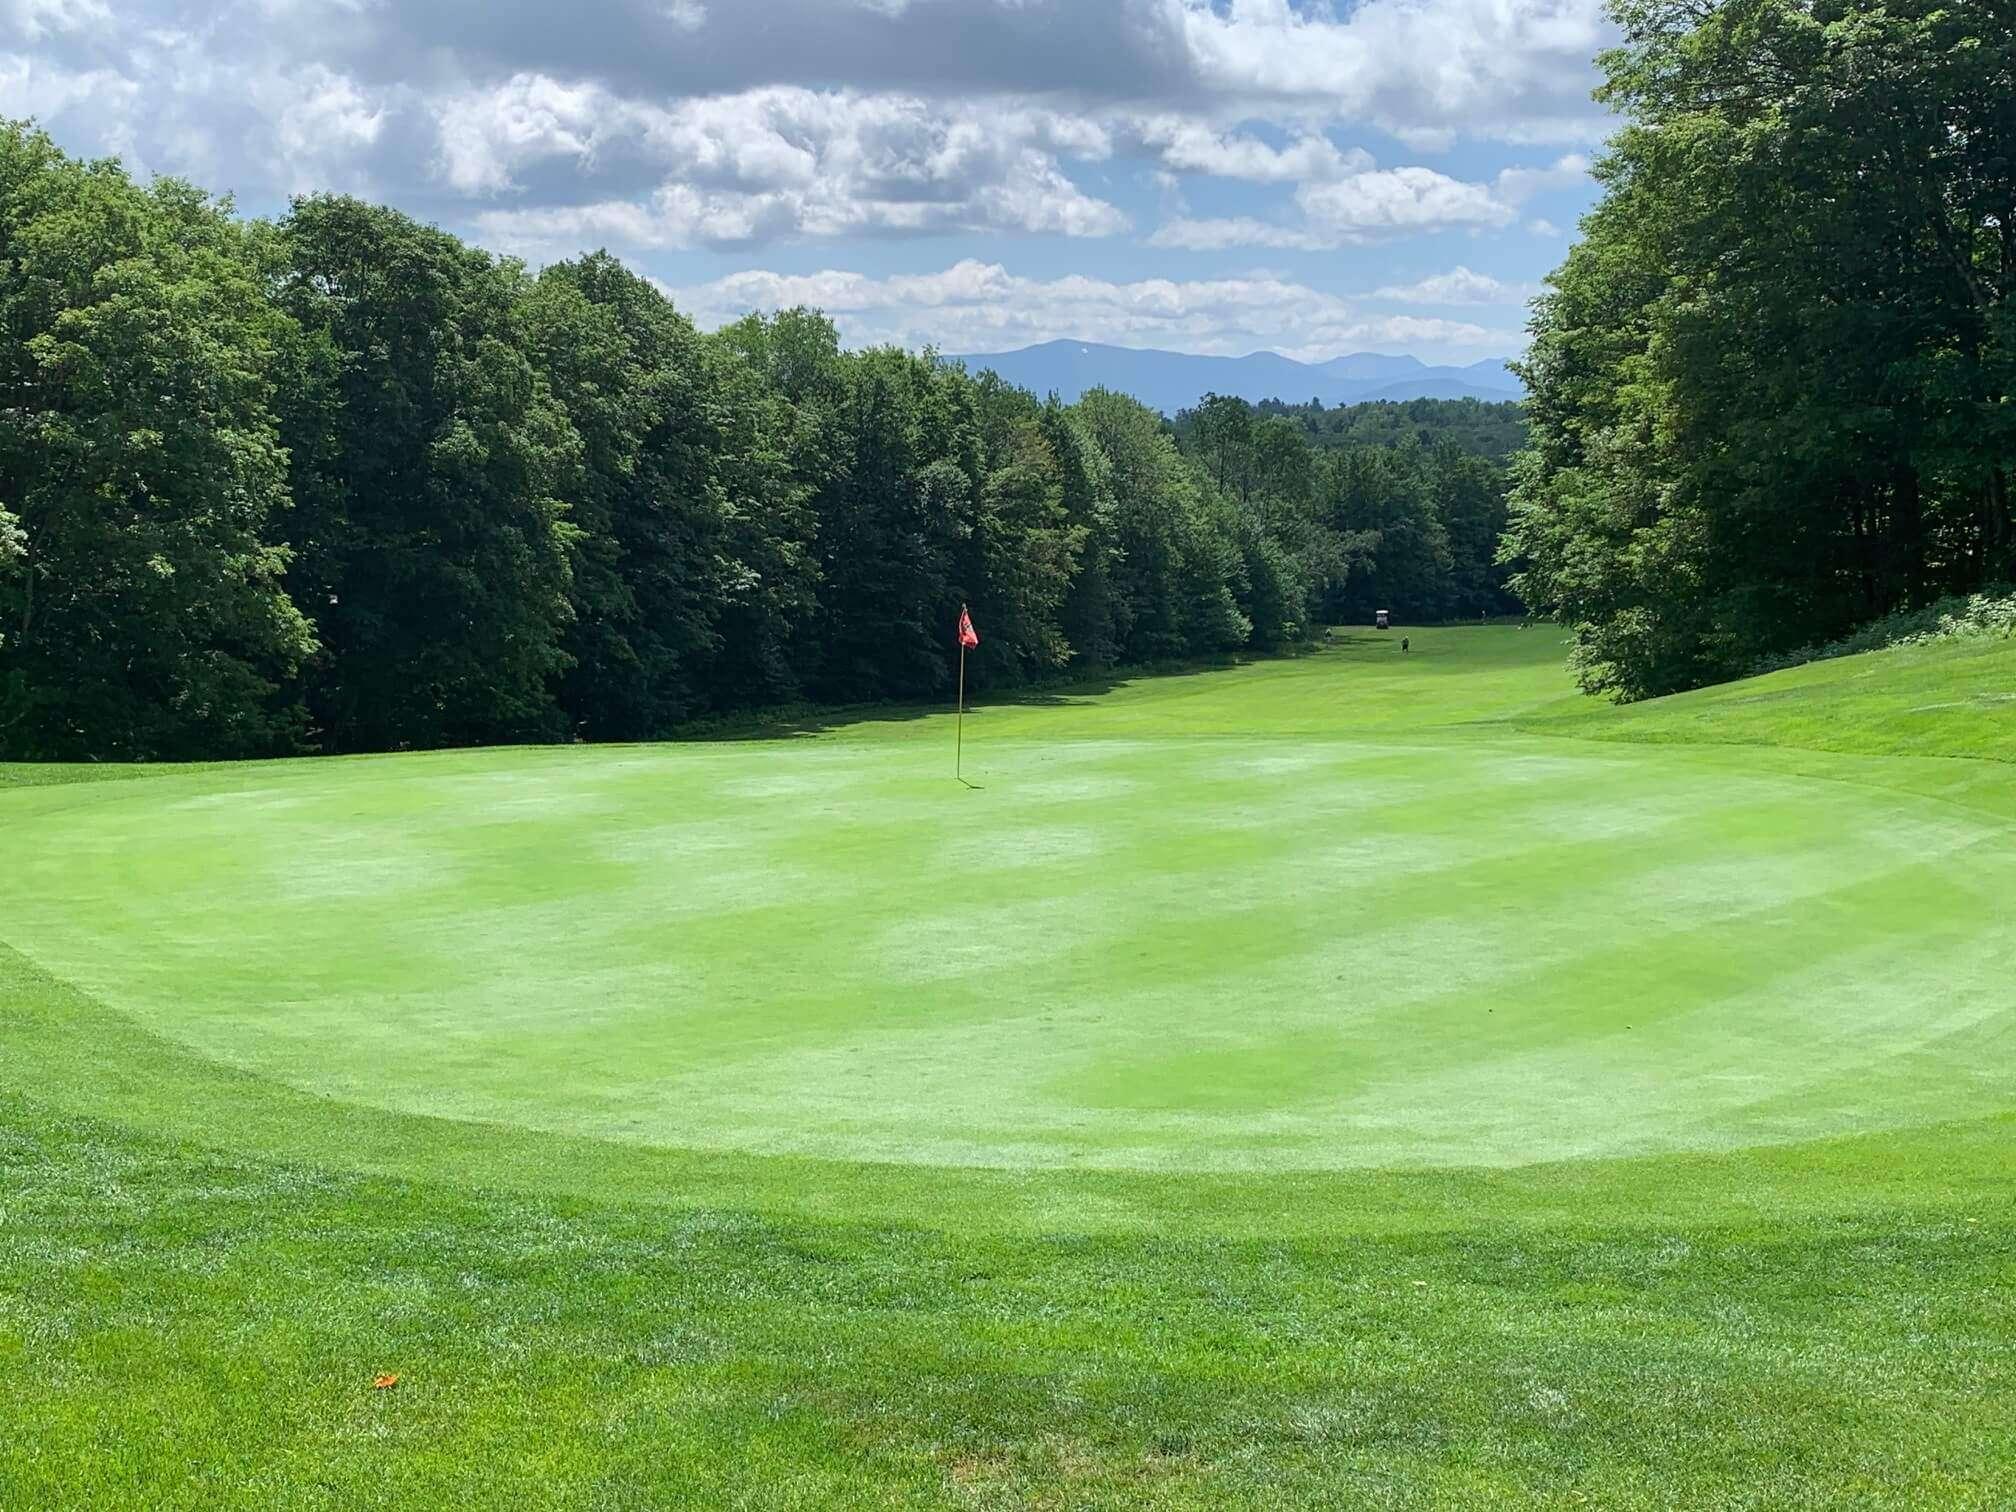 Sparse golf club in the Adirondacks